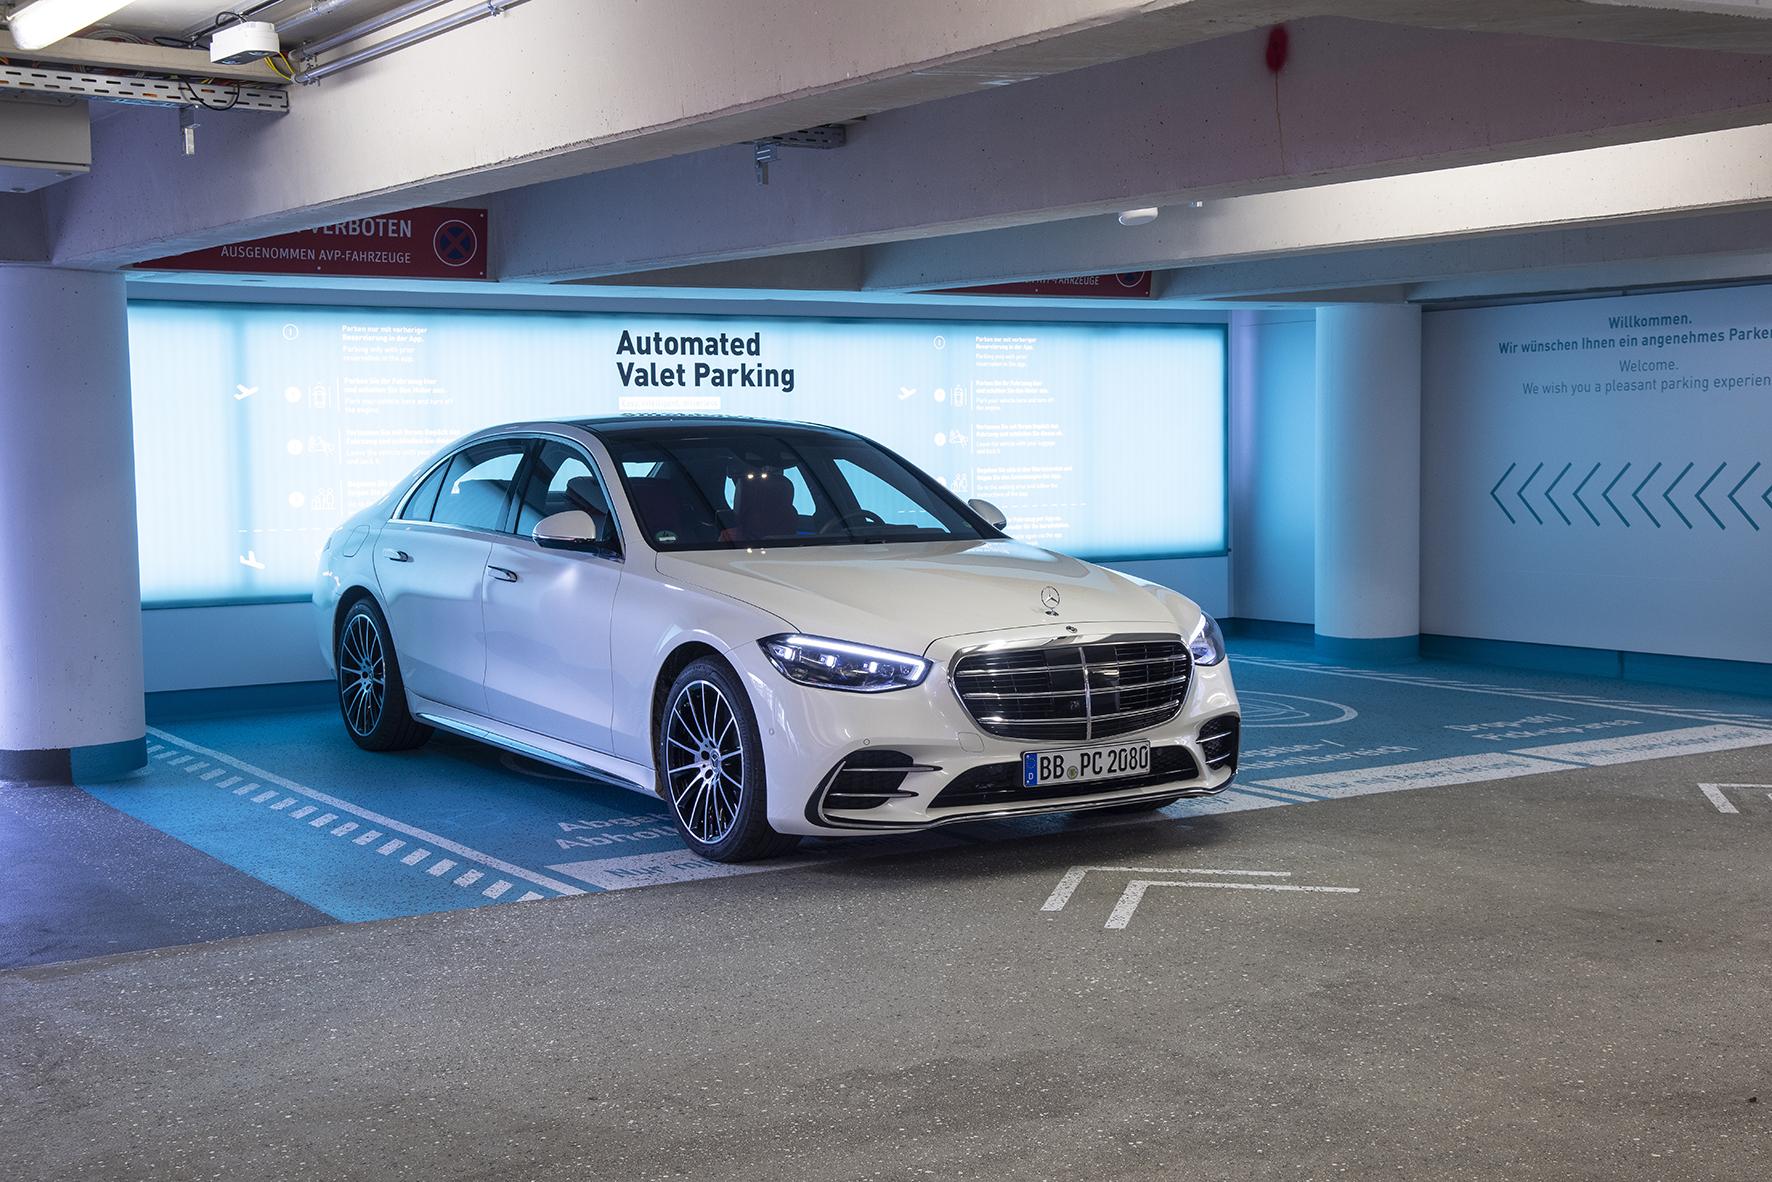 Prepojené vozidlo a inteligentné infraštruktúra vylepšujú automatické parkovanie